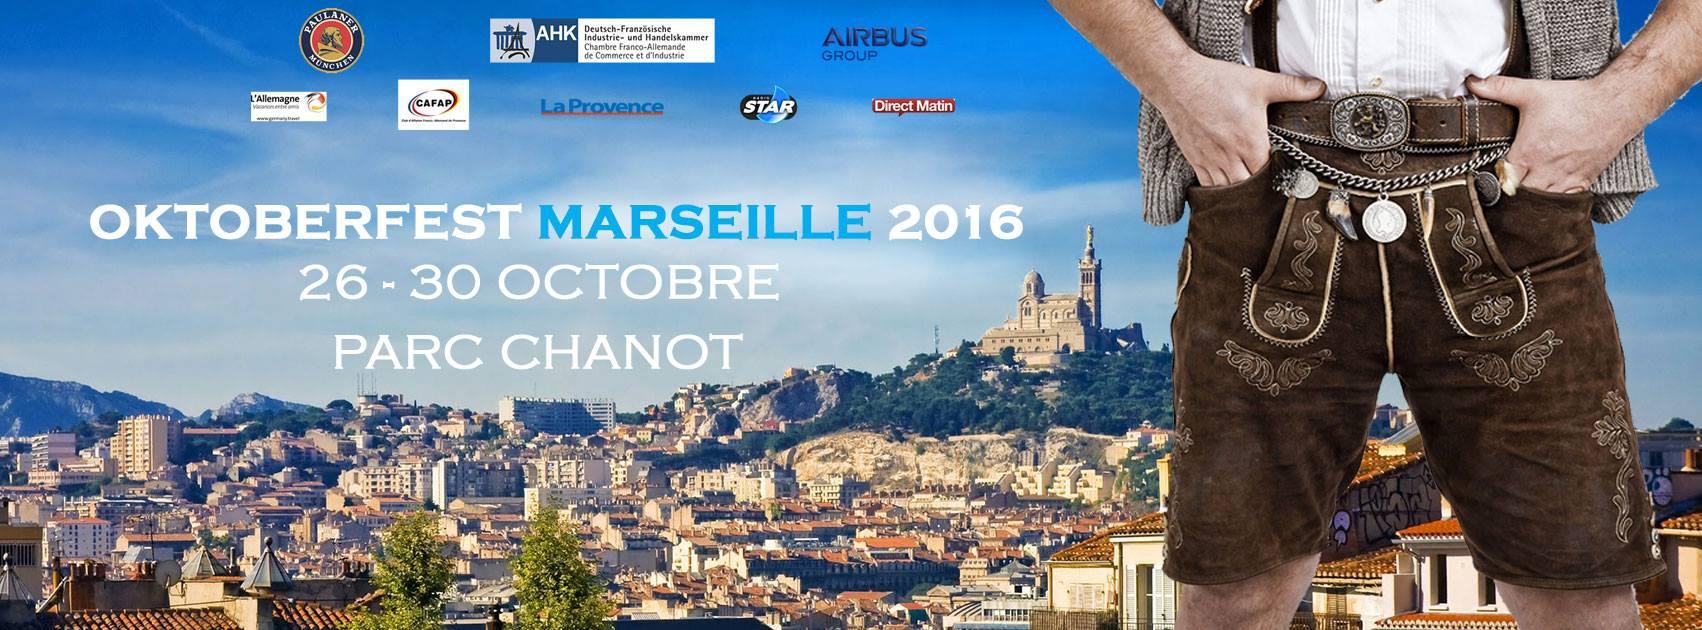 marseille-oktoberfest